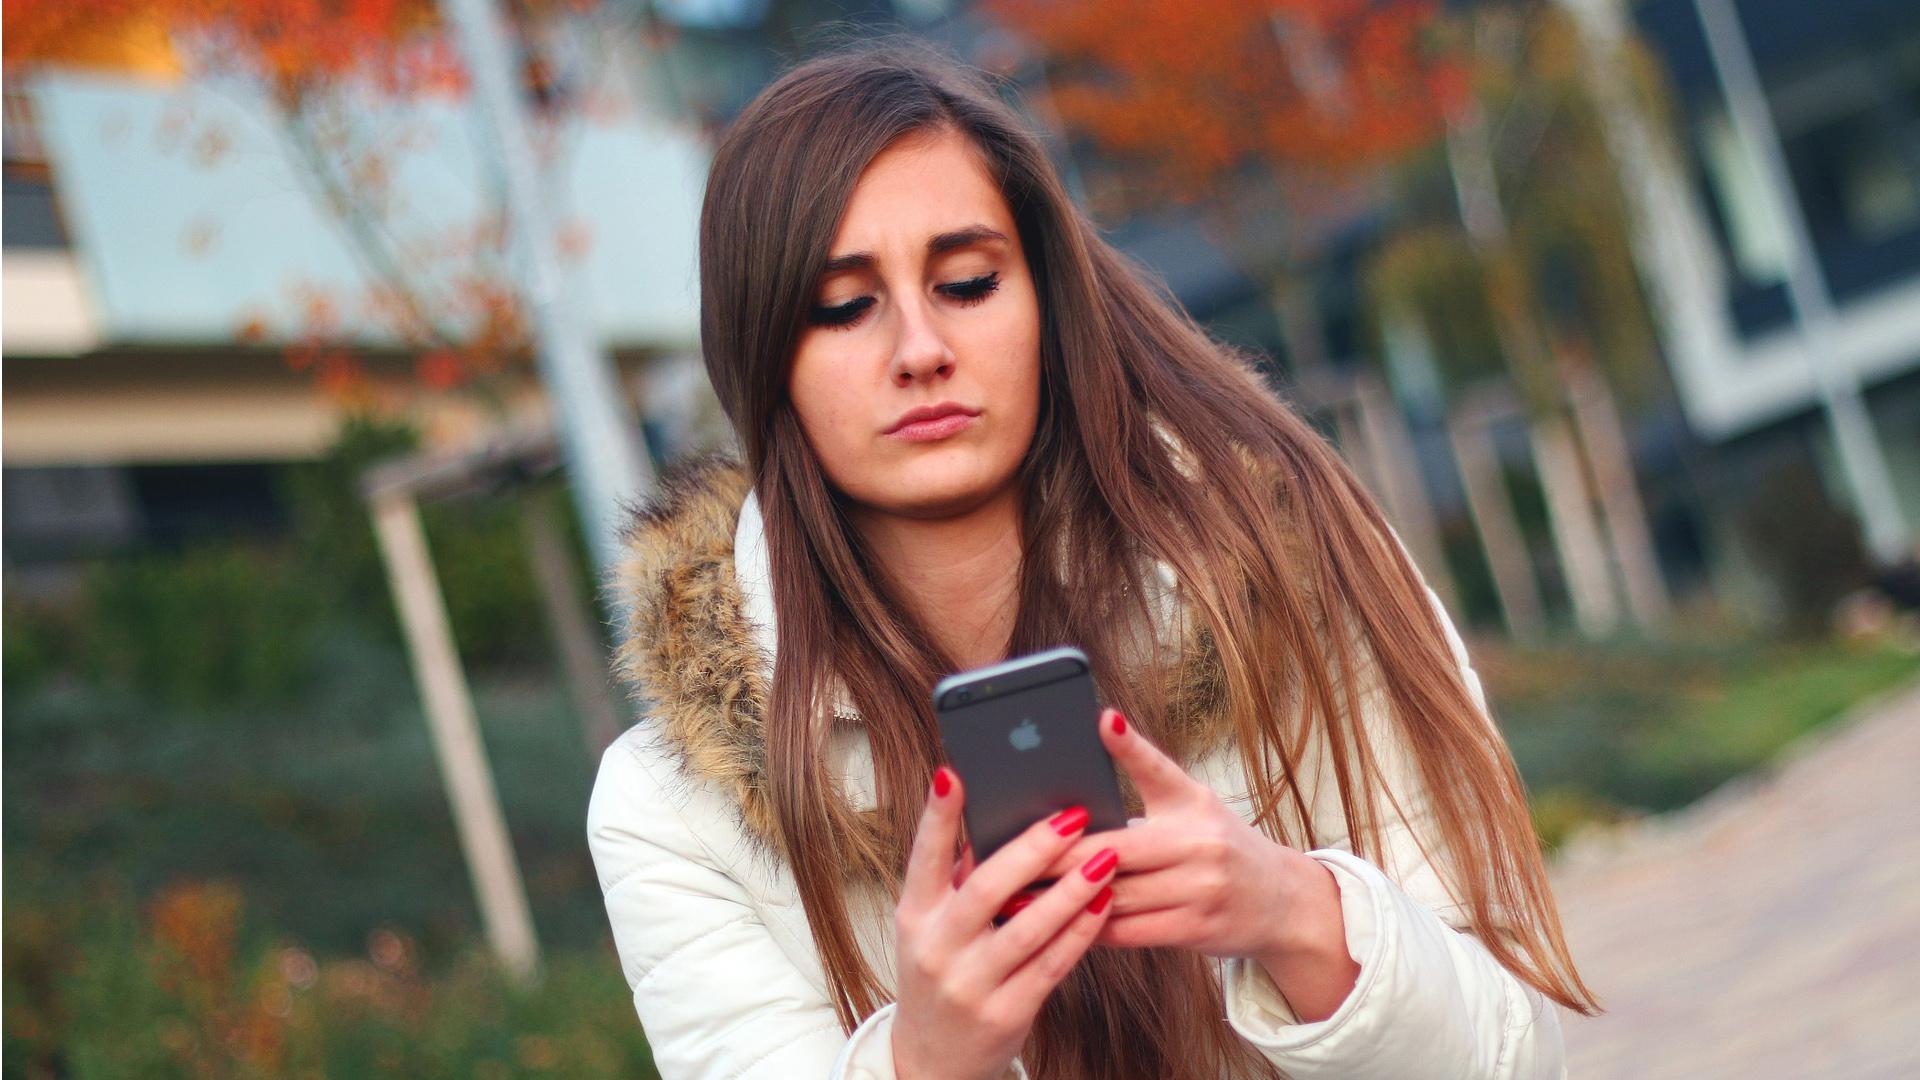 An Frankreichs Schulen wird demnächst ein absolutes Handyverbot gelten (Symbolbild)